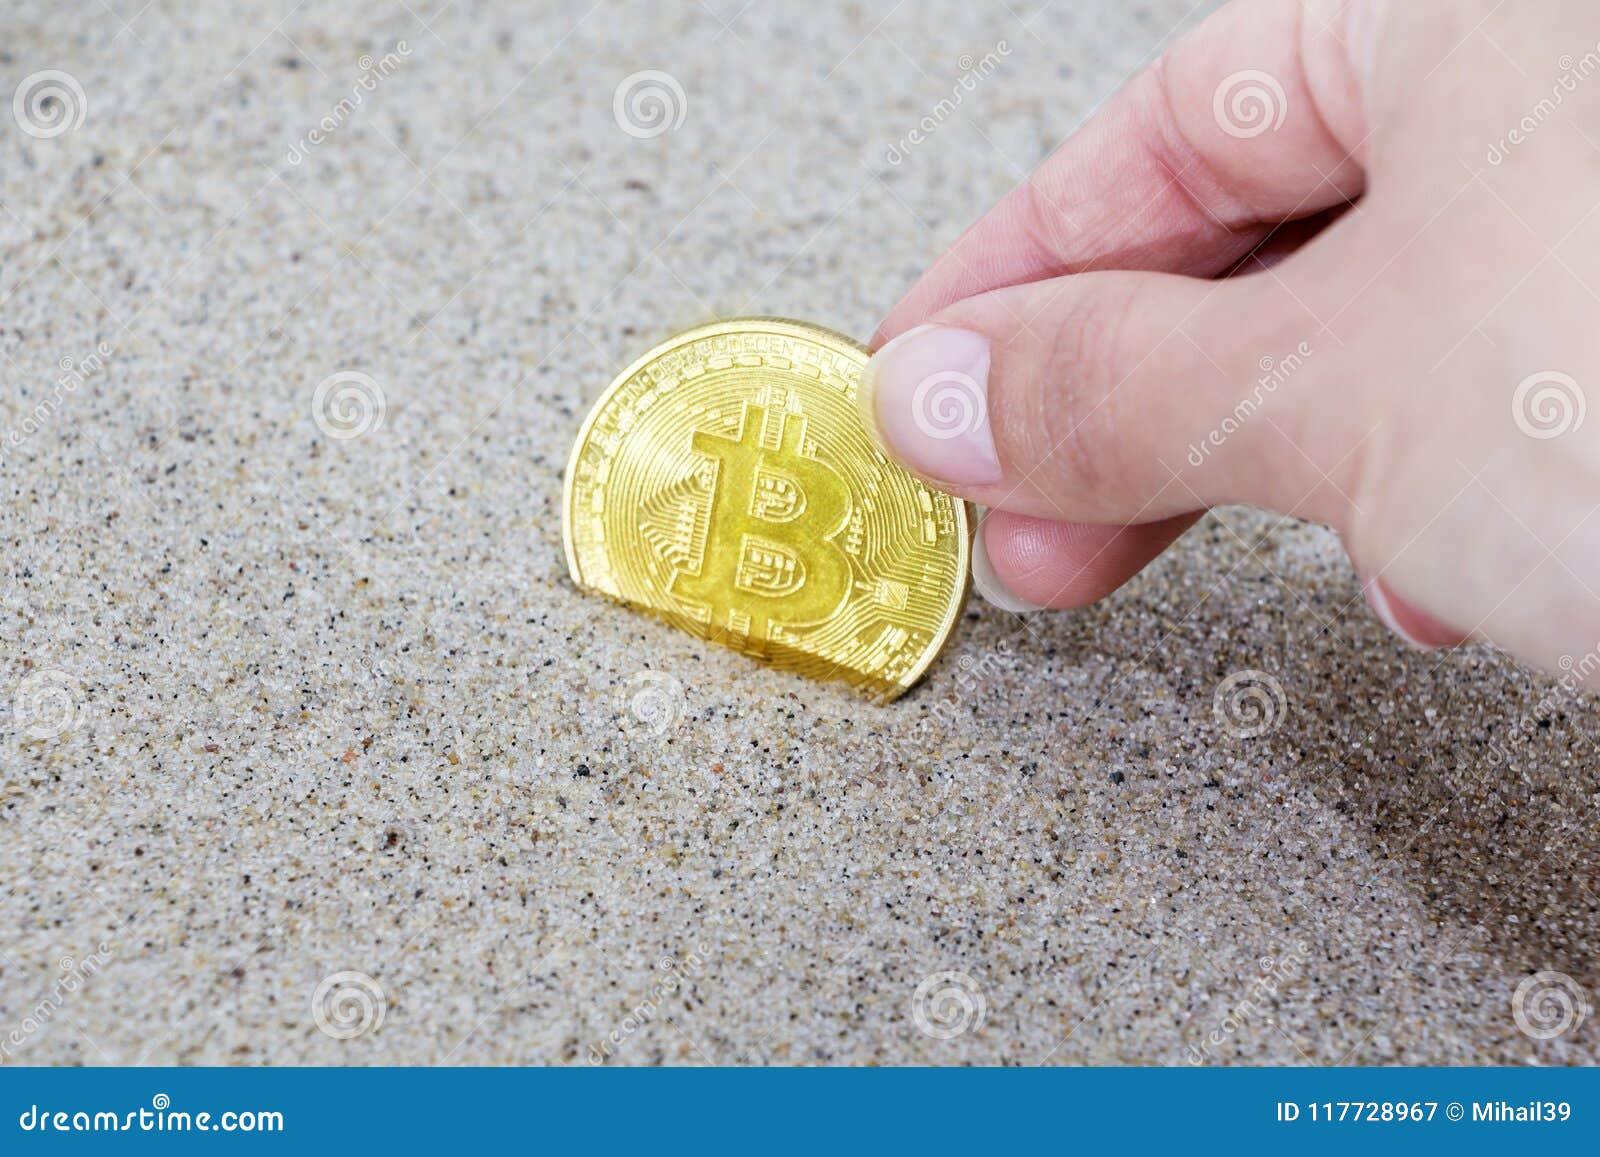 bitcoin world coin